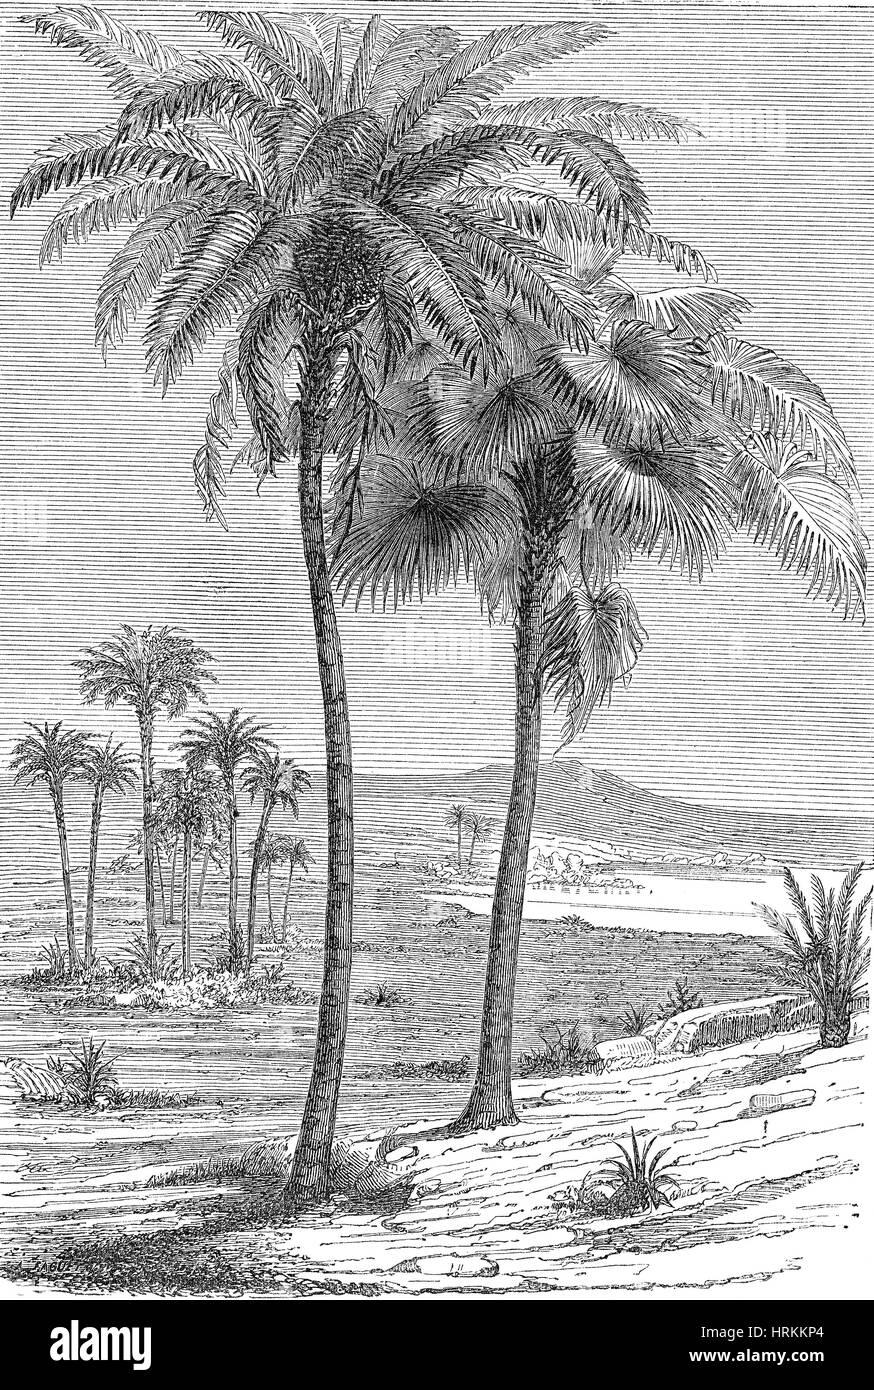 Prehistoric, Cretaceous Landscape - Stock Image